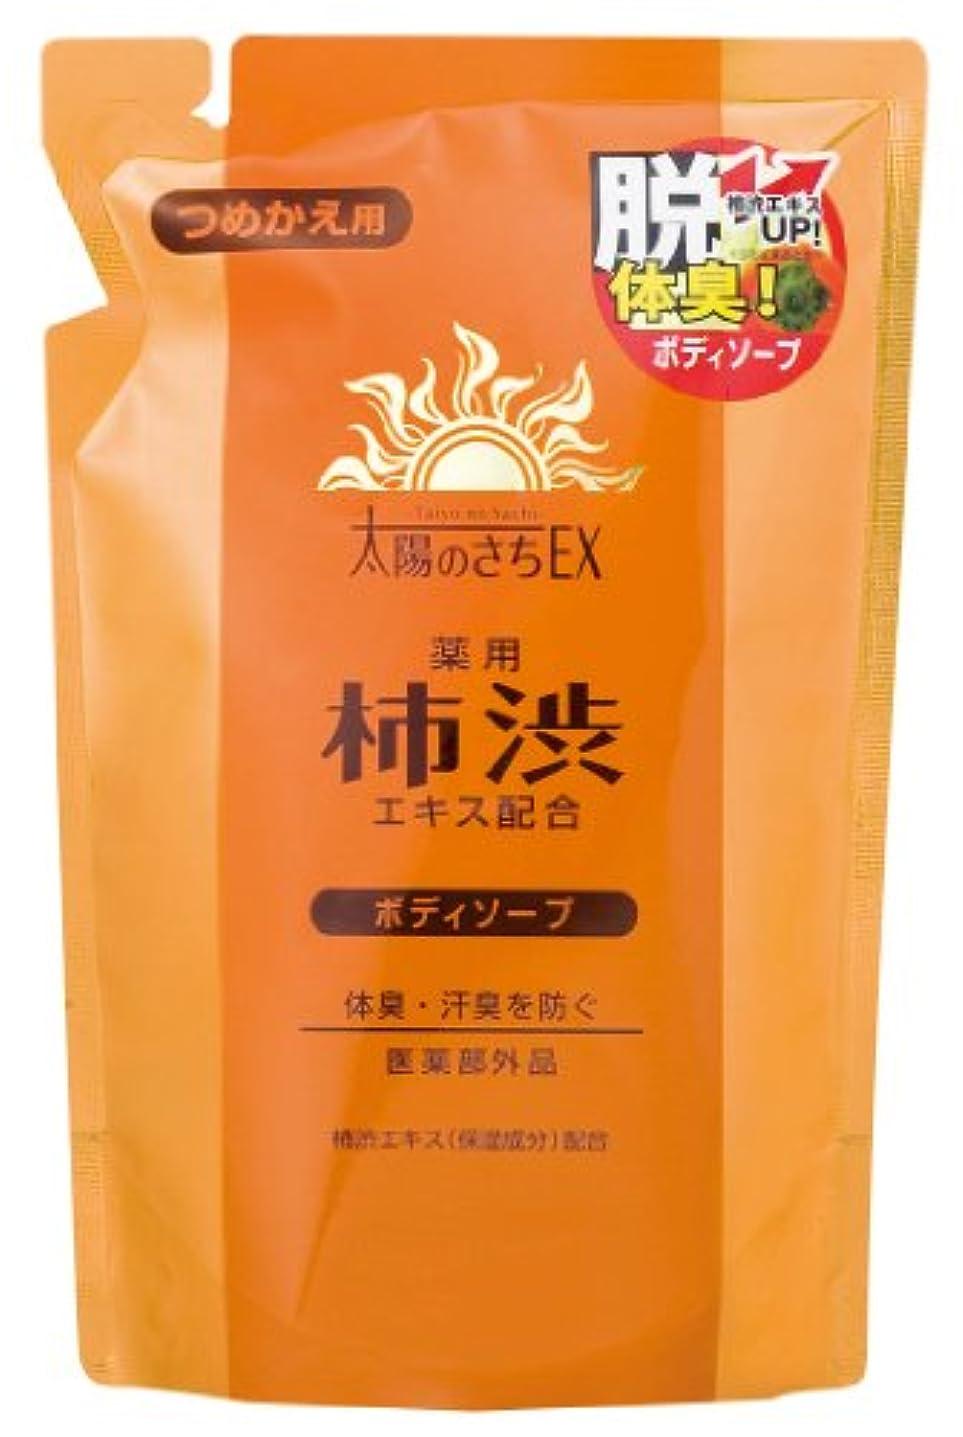 マイナーアプライアンスタンパク質太陽のさちEX ボディソープ詰替